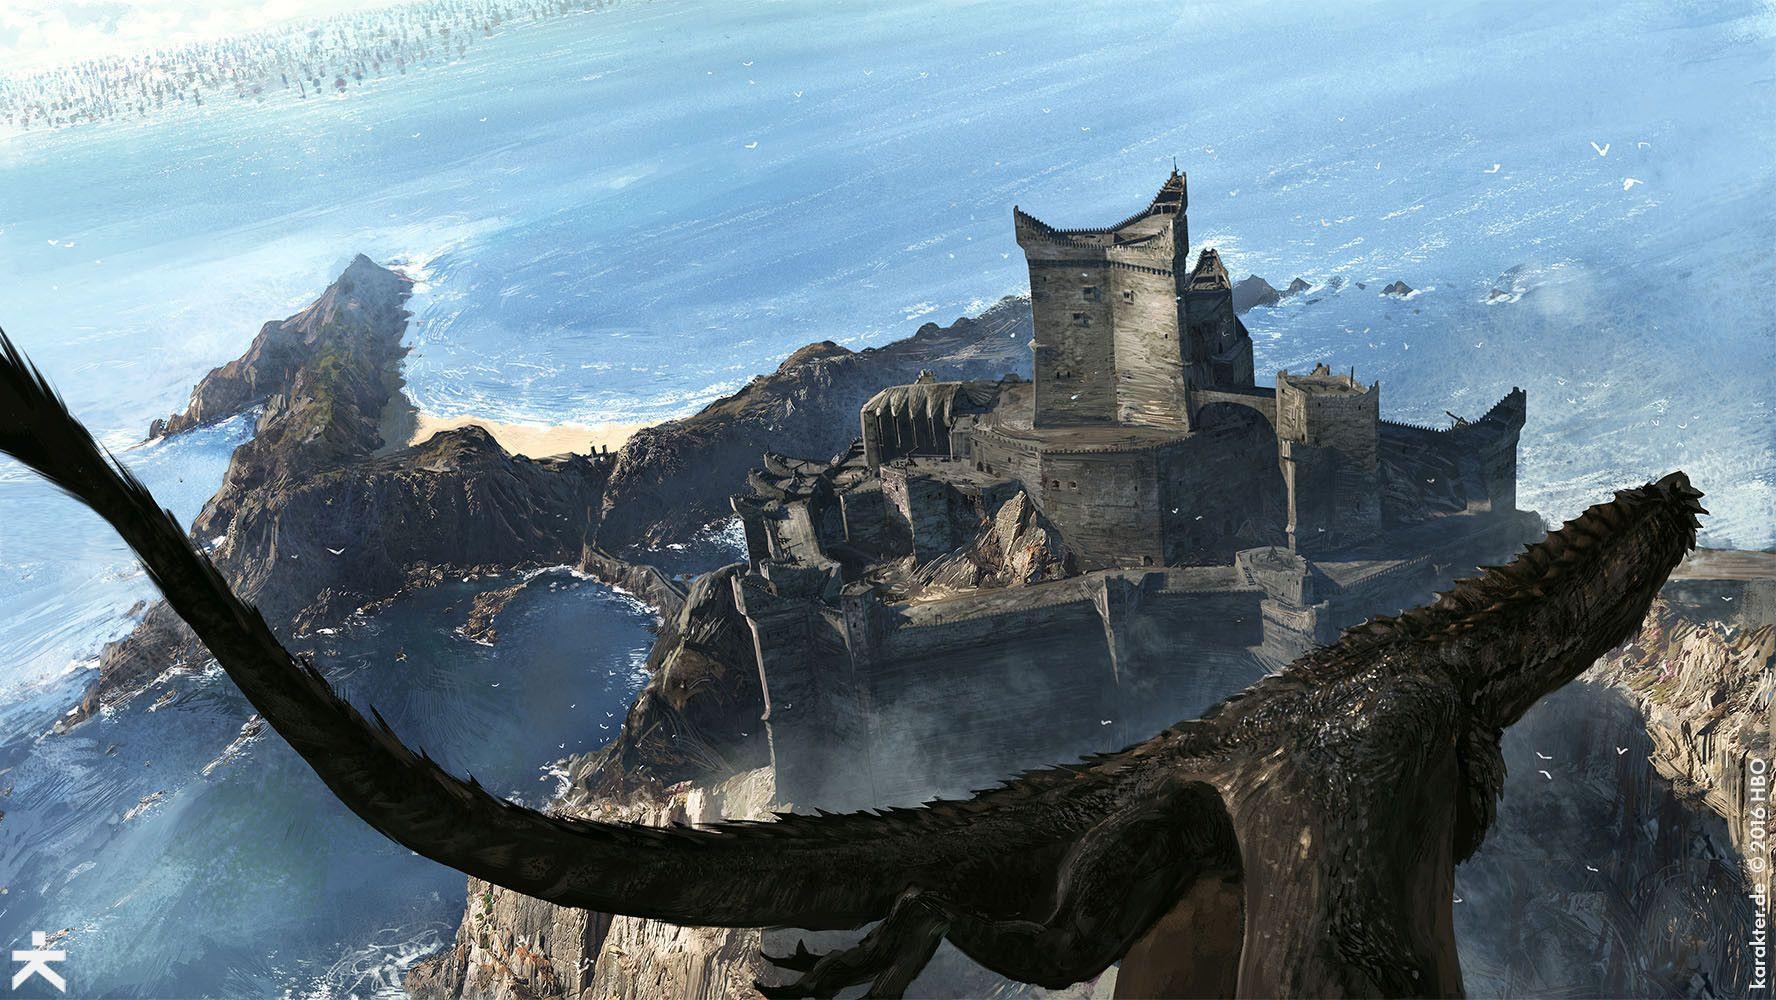 Artstation Got 7 Dragonstone Karakter Design Studio Game Of Thrones Artwork Game Of Thrones Art Game Of Thrones Dragons